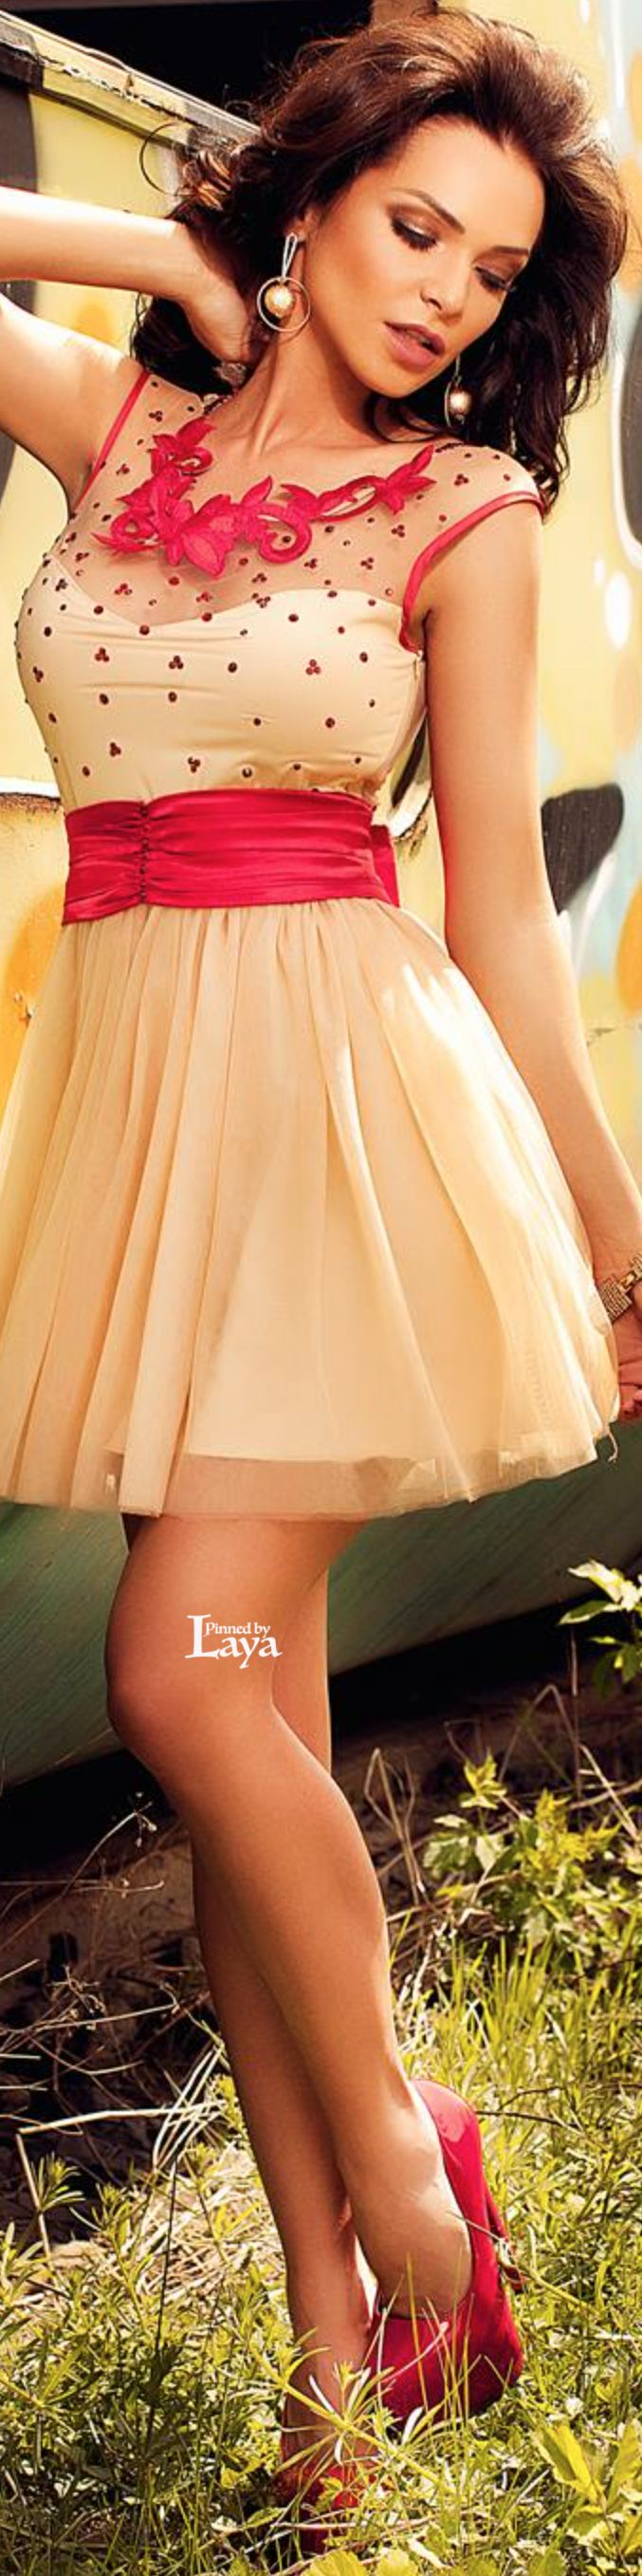 Pin by mariyu rivas on vestido de noche pinterest sweet lady